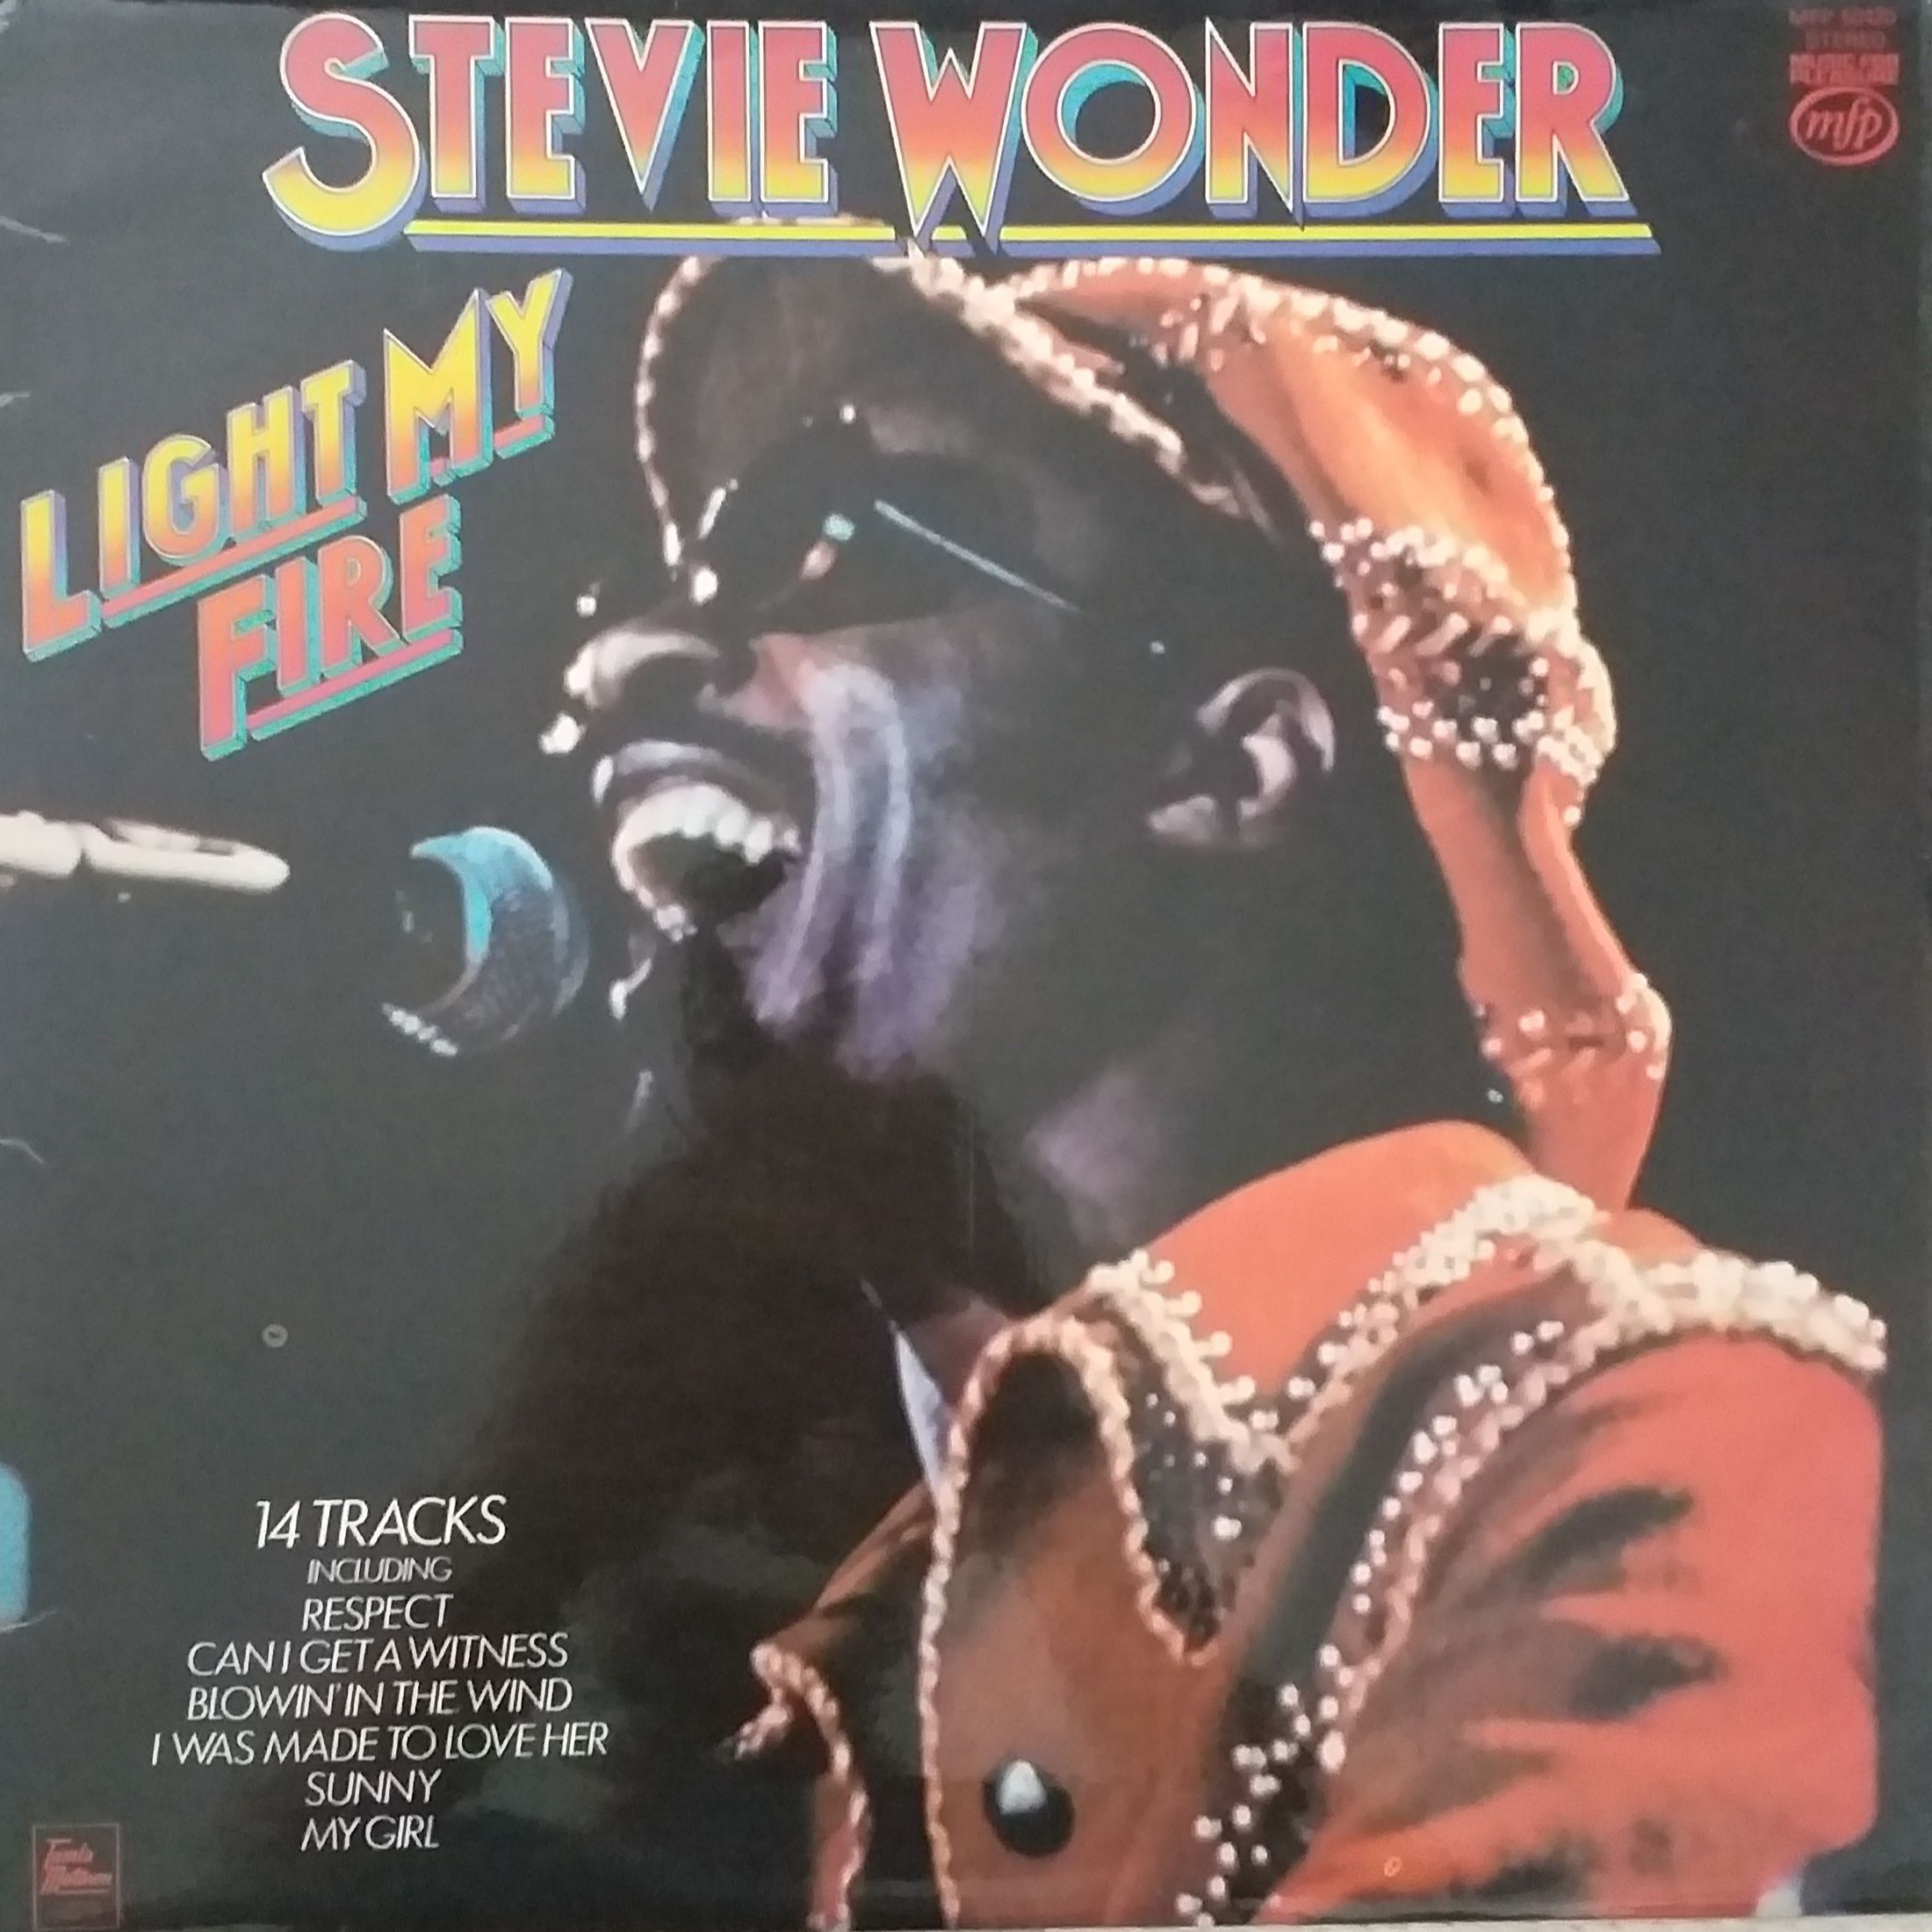 Stevie Wonder Light my fire LP undefined